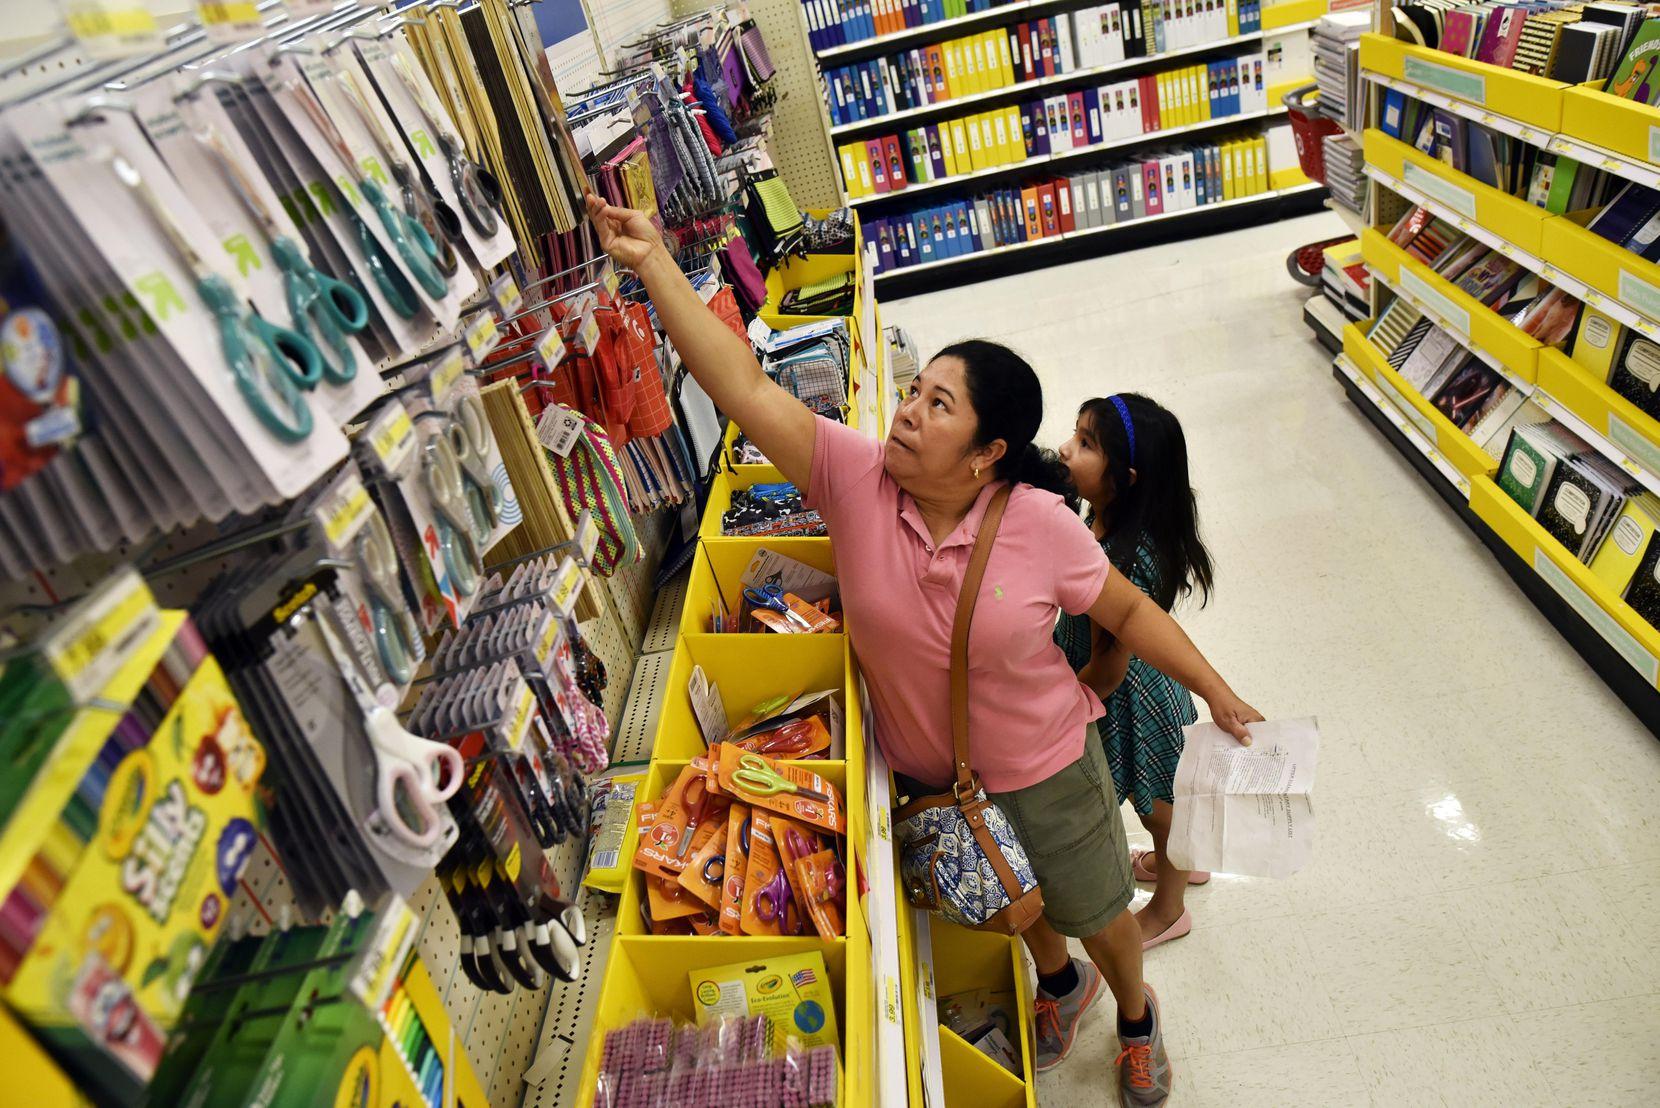 """Irma Arriaga compra útiles escolares para sus hijos aprovechando el inicio del fin de semana sin impuestos. El """"tax holiday"""" durará hasta el domingo. BEN TORRES/AL DÍA"""